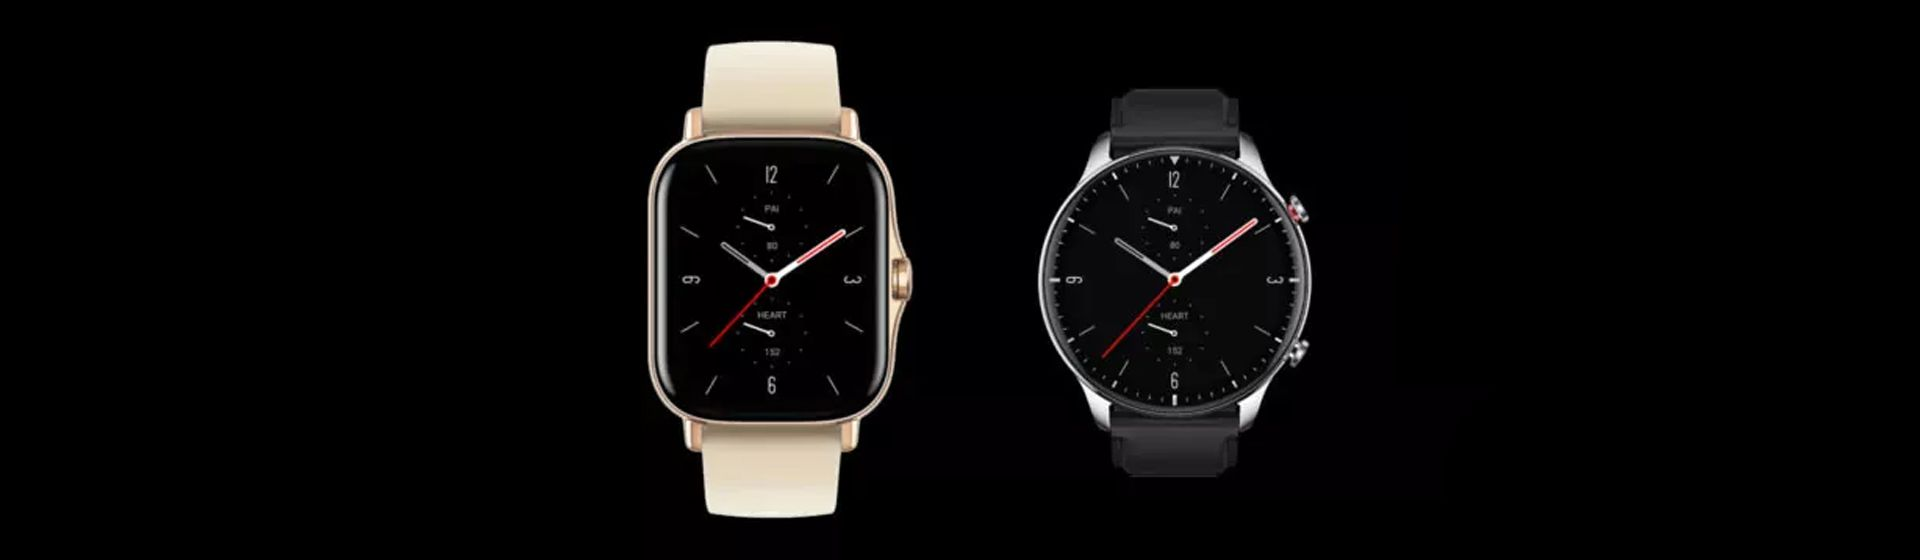 Xiaomi lança o GTS 2 e GTR 2 globalmente; veja os preços dos smartwatches